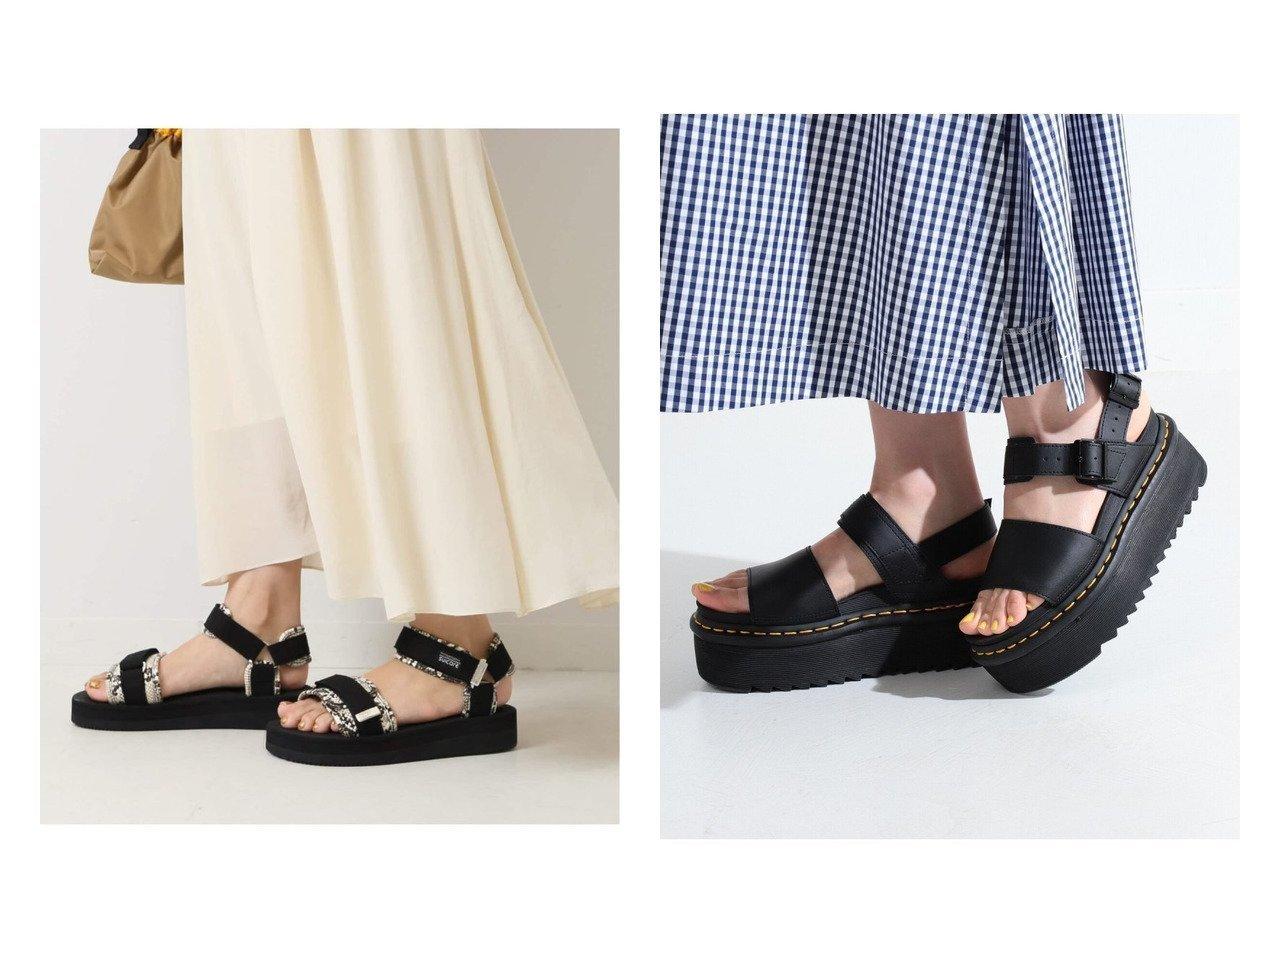 【Ray BEAMS/レイ ビームス】のDr. VOSS QUAD サンダル&【Spick & Span/スピック&スパン】の【SUICOKE】CEL-VPO SS 【シューズ・靴】おすすめ!人気、トレンド・レディースファッションの通販 おすすめで人気の流行・トレンド、ファッションの通販商品 インテリア・家具・メンズファッション・キッズファッション・レディースファッション・服の通販 founy(ファニー) https://founy.com/ ファッション Fashion レディースファッション WOMEN 2021年 2021 2021春夏・S/S SS/Spring/Summer/2021 S/S・春夏 SS・Spring/Summer おすすめ Recommend サンダル シューズ パイソン ミュール 人気 厚底 クッション コレクション フィット ラップ 定番 Standard 軽量  ID:crp329100000043158